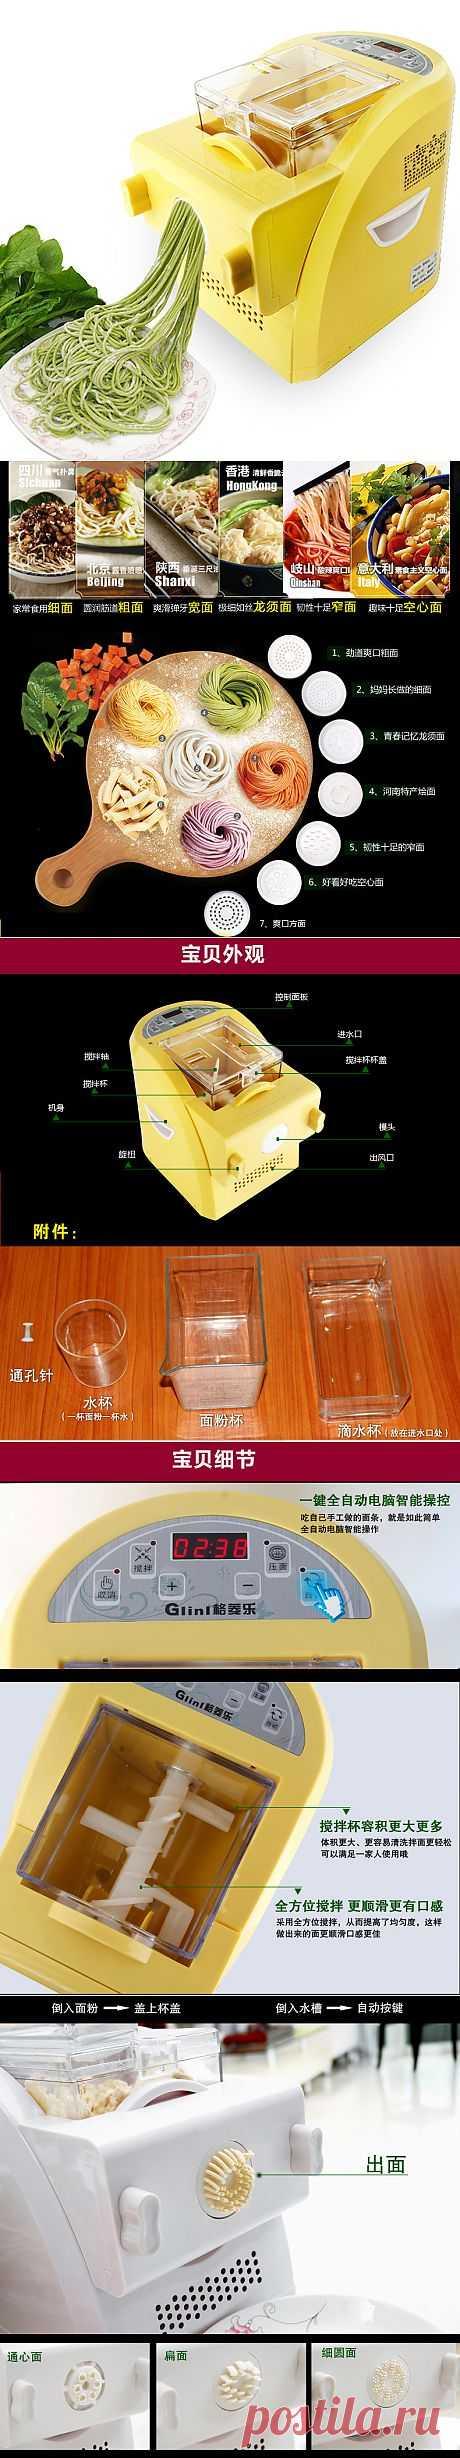 Электрическая лапшерезка с замешиванием теста